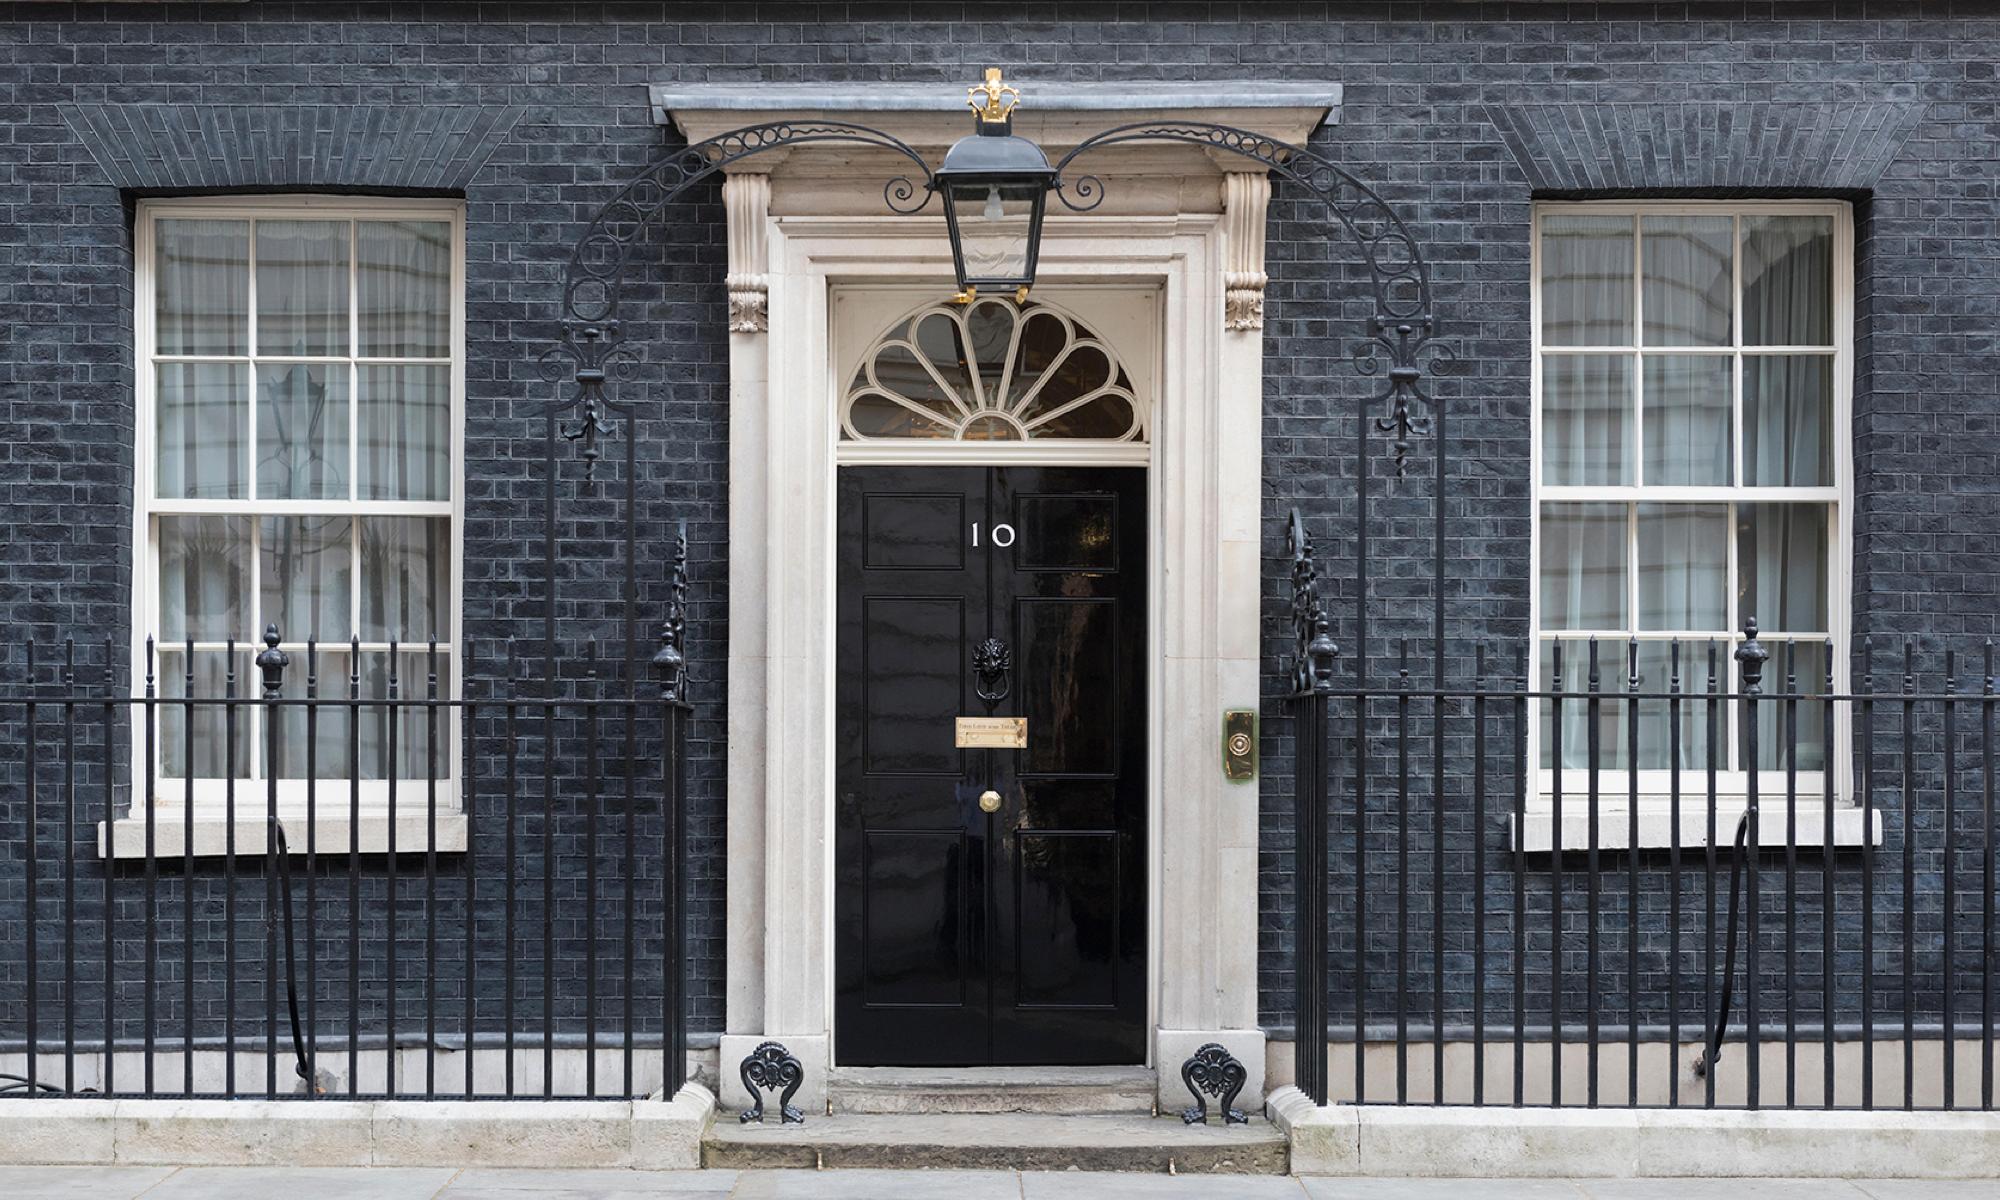 No10 building door